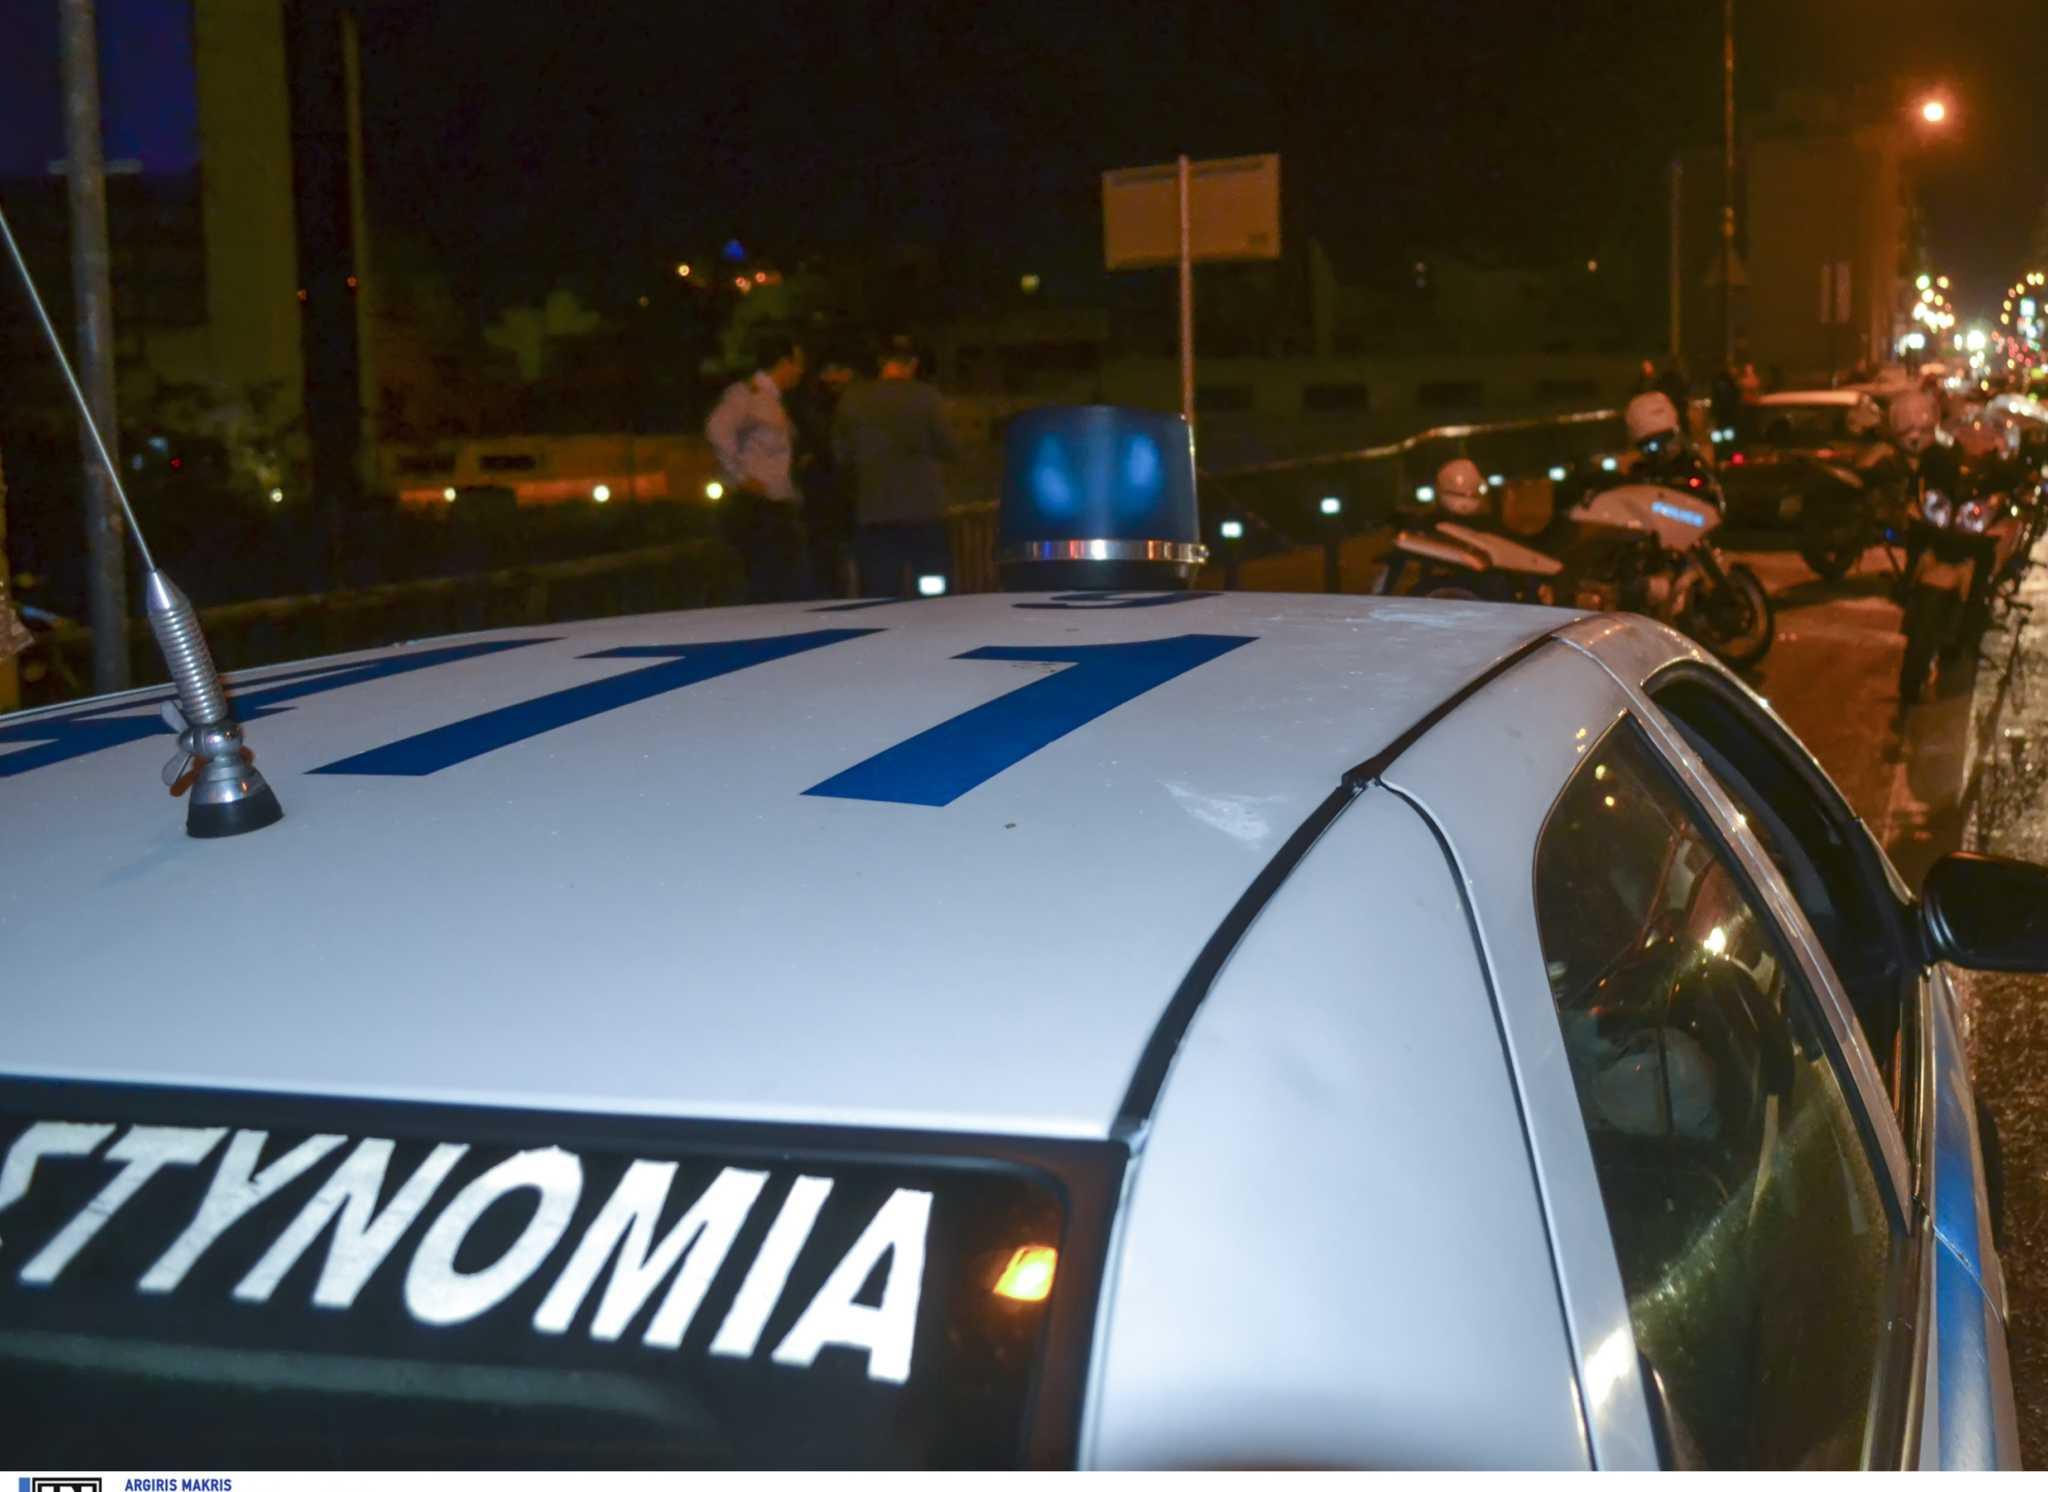 Θεσσαλονίκη: Τρόμος σε σούπερ μάρκετ – Μπήκαν μέσα με όπλα και άρπαξαν τα λεφτά